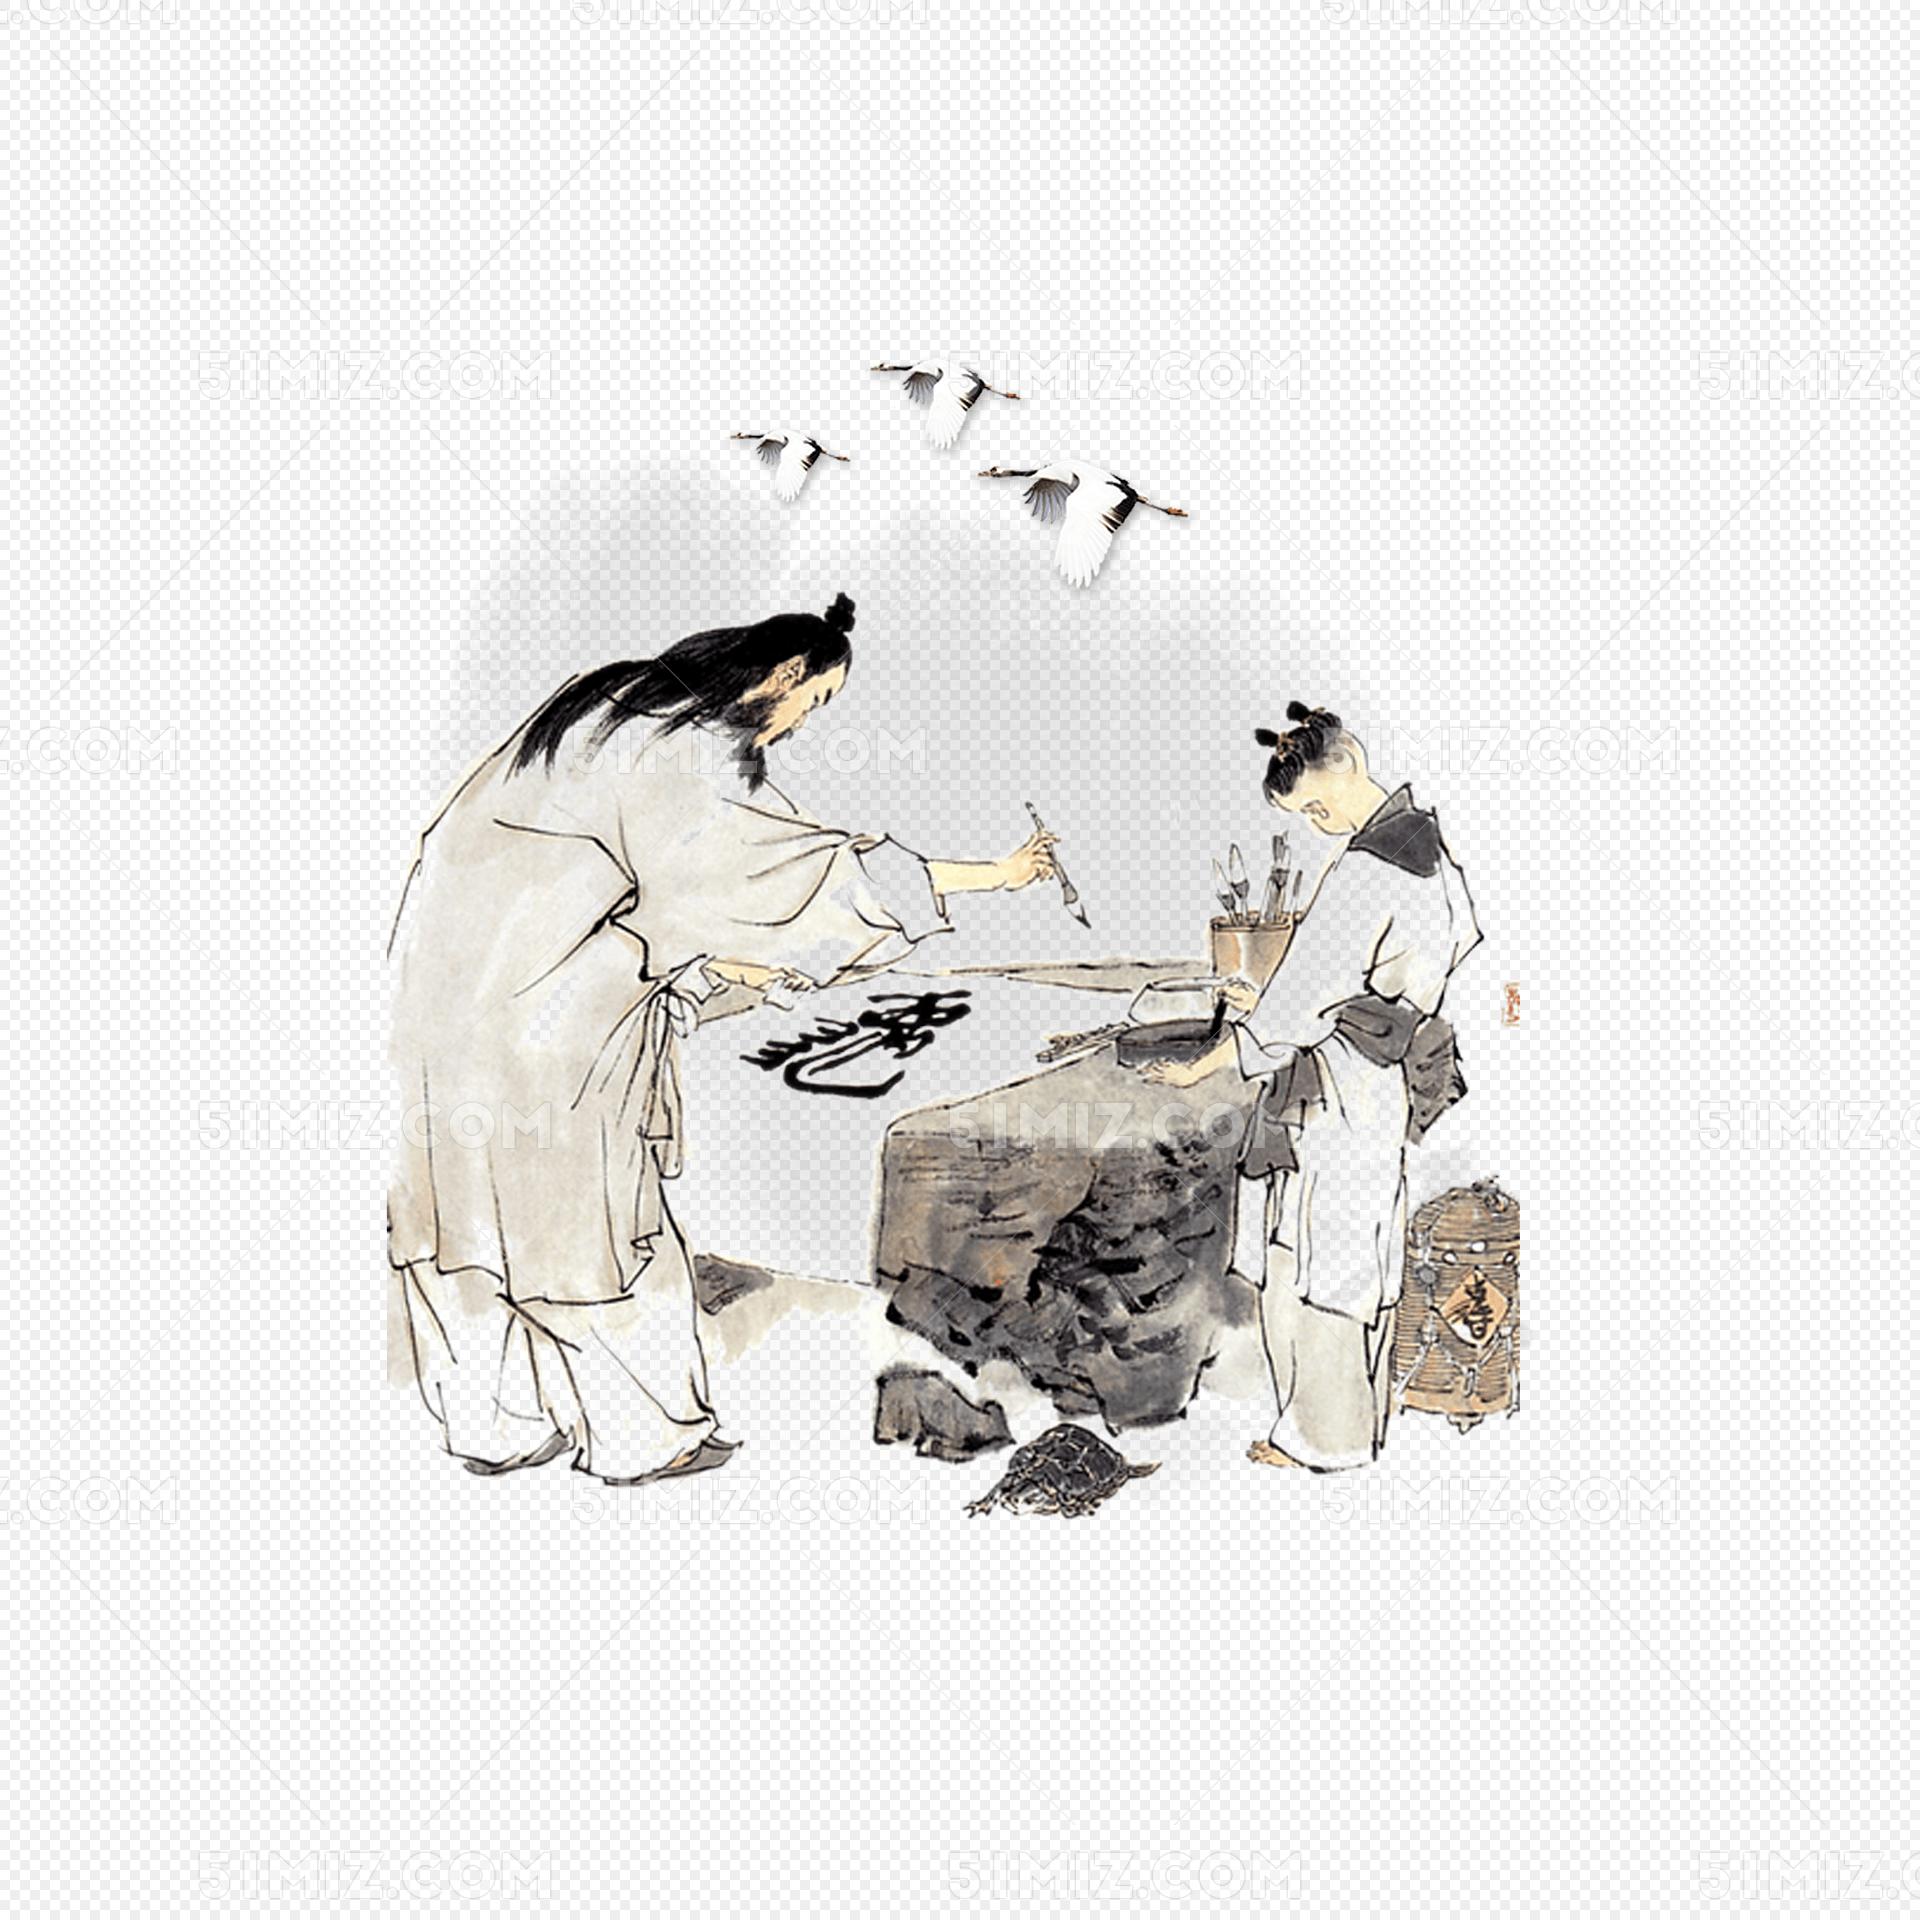 中国风教师节水墨画传统育人背景图片素材免费下载_觅